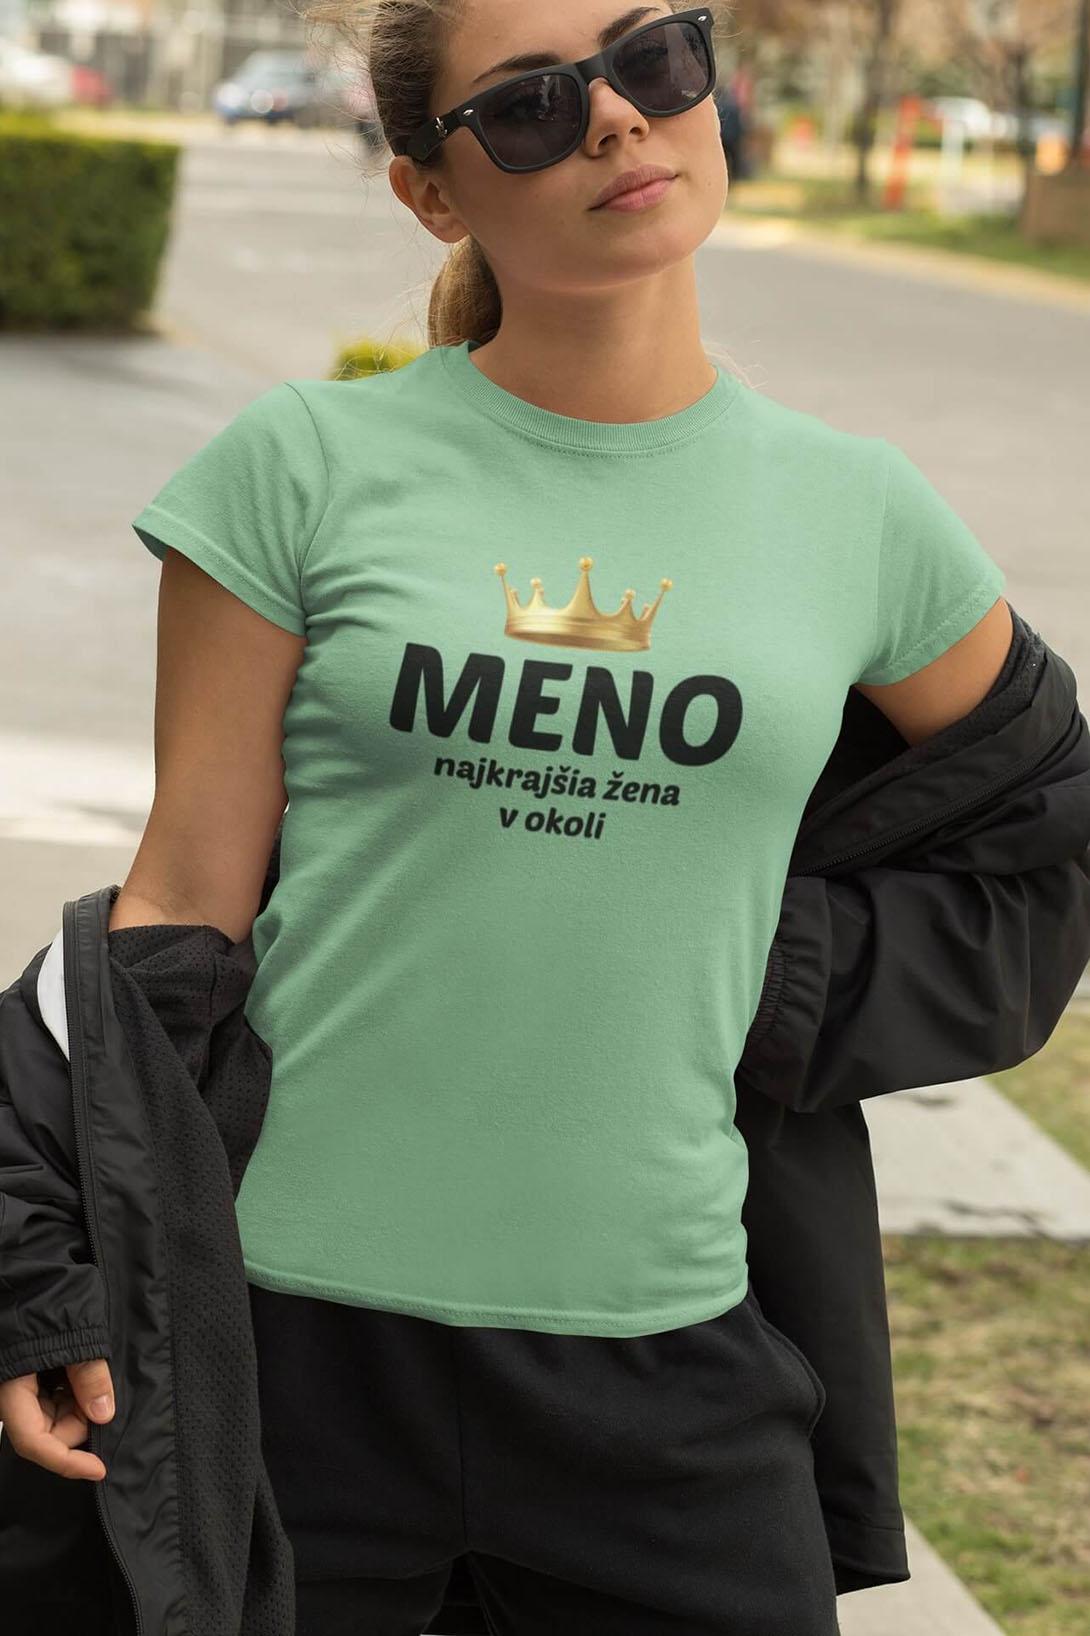 MMO Dámske tričko Najkrajšia žena v okolí Vyberte farbu: Svetlá khaki, Vyberte veľkosť: M